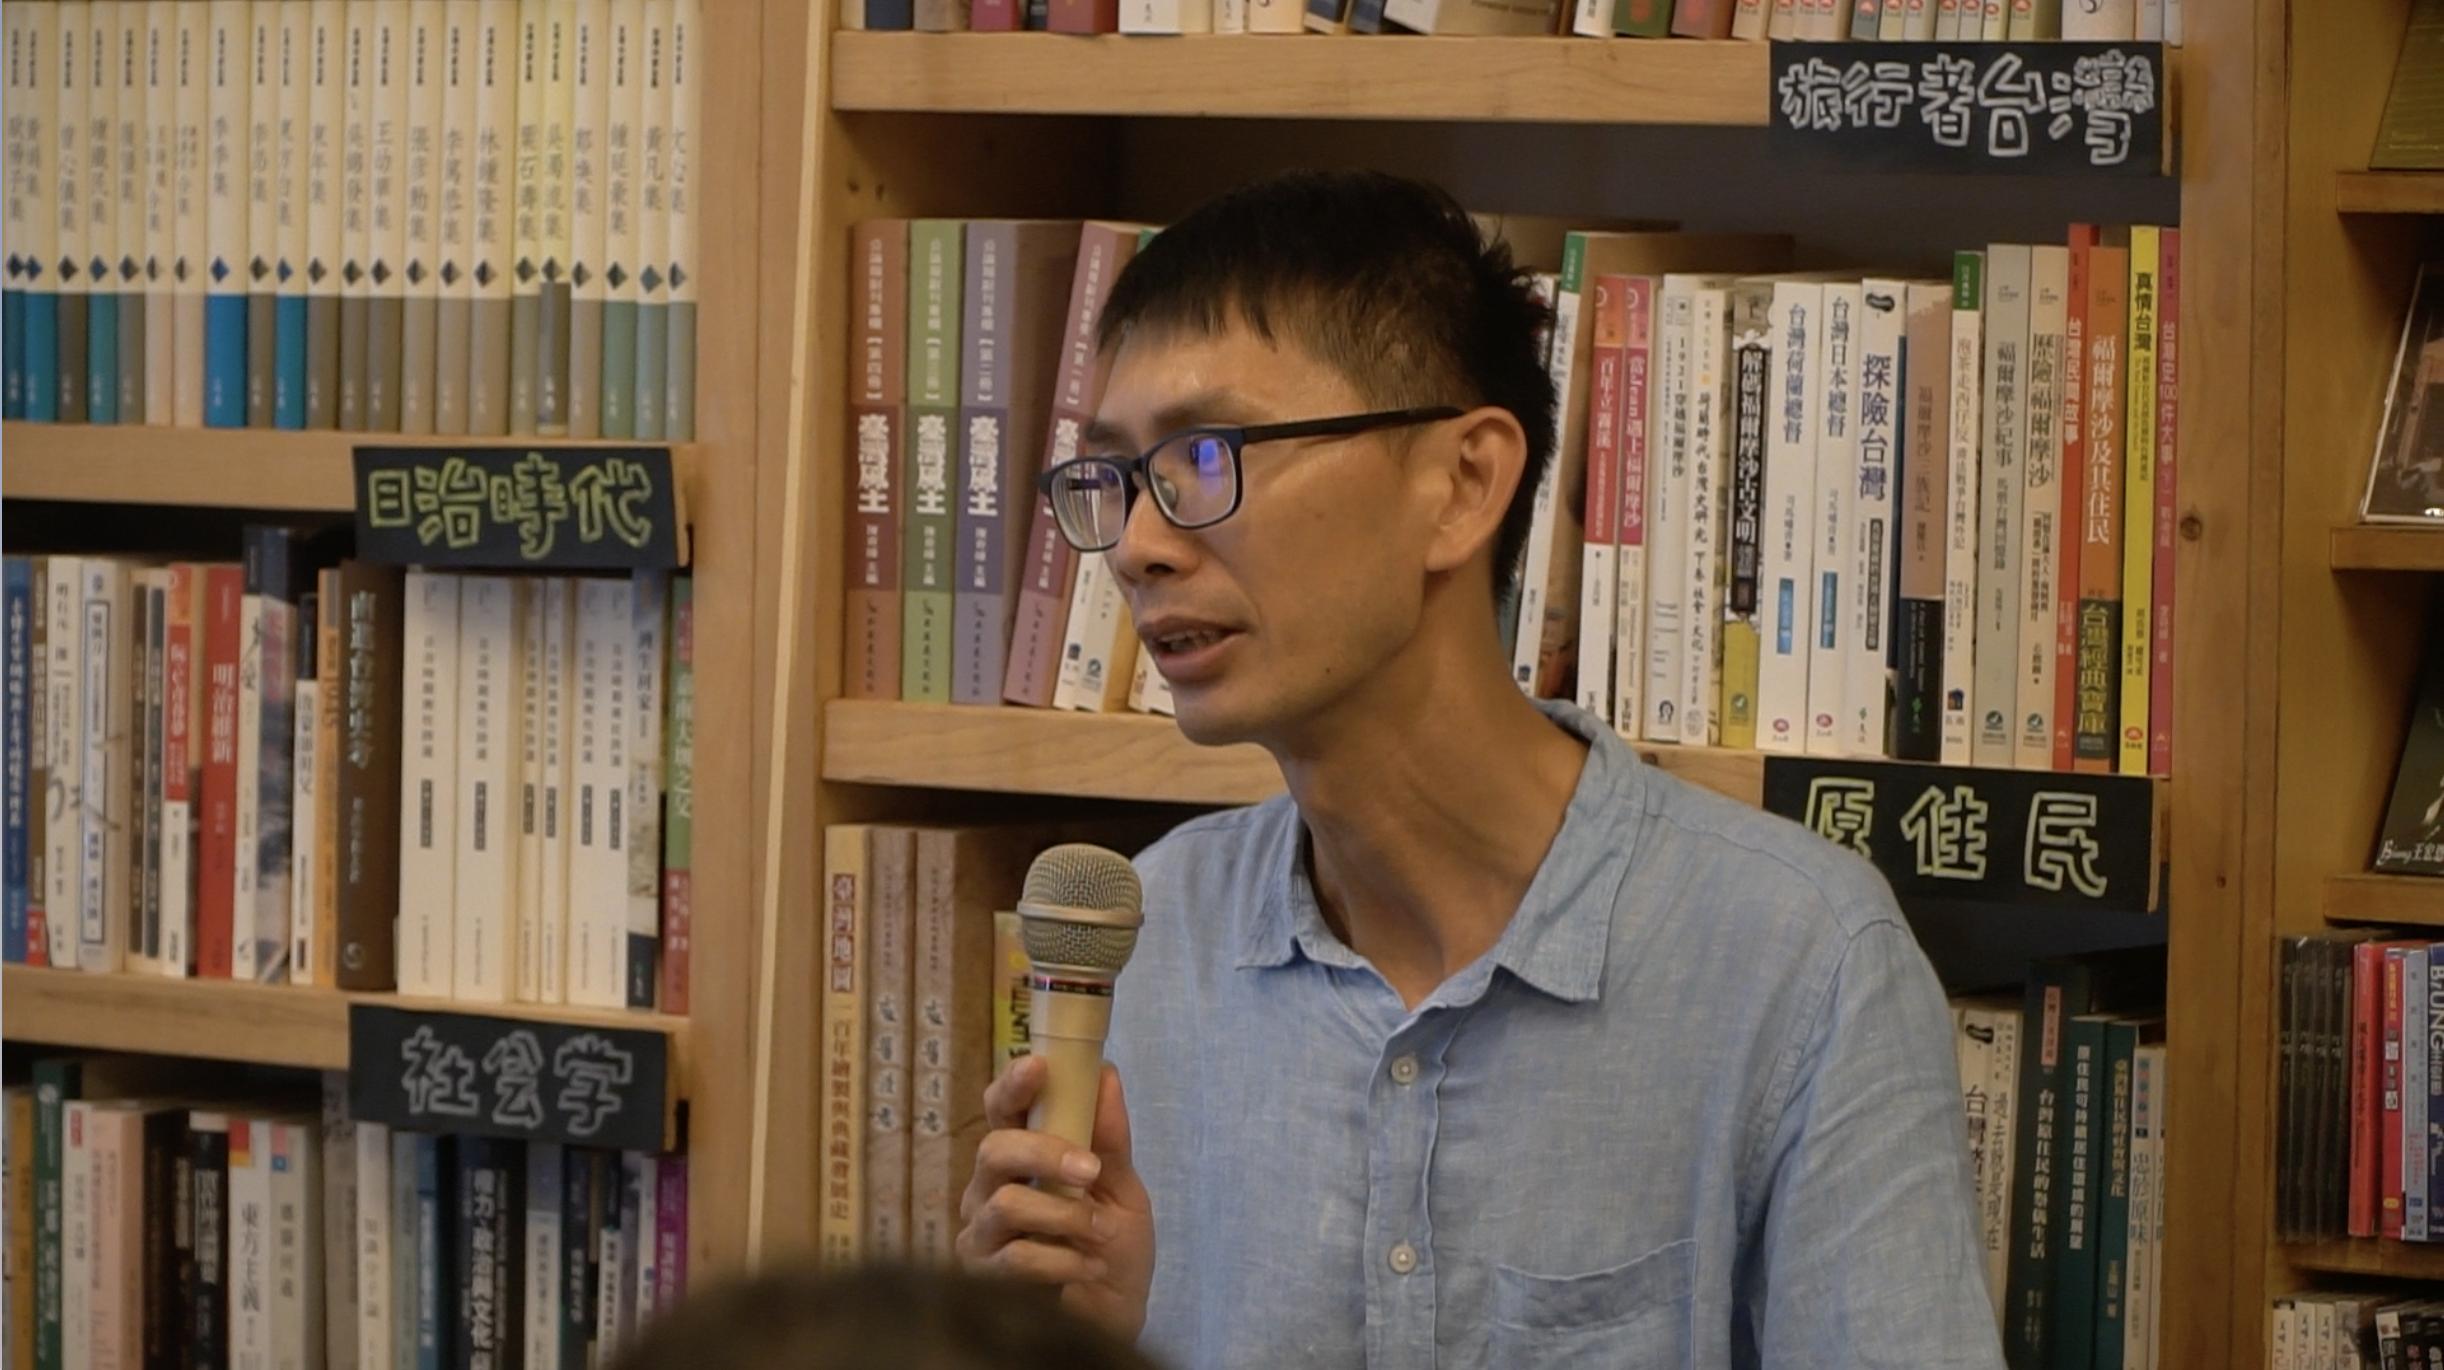 (圖一)余國信老師在洪雅書房和青年們分享自己多年來的經驗。